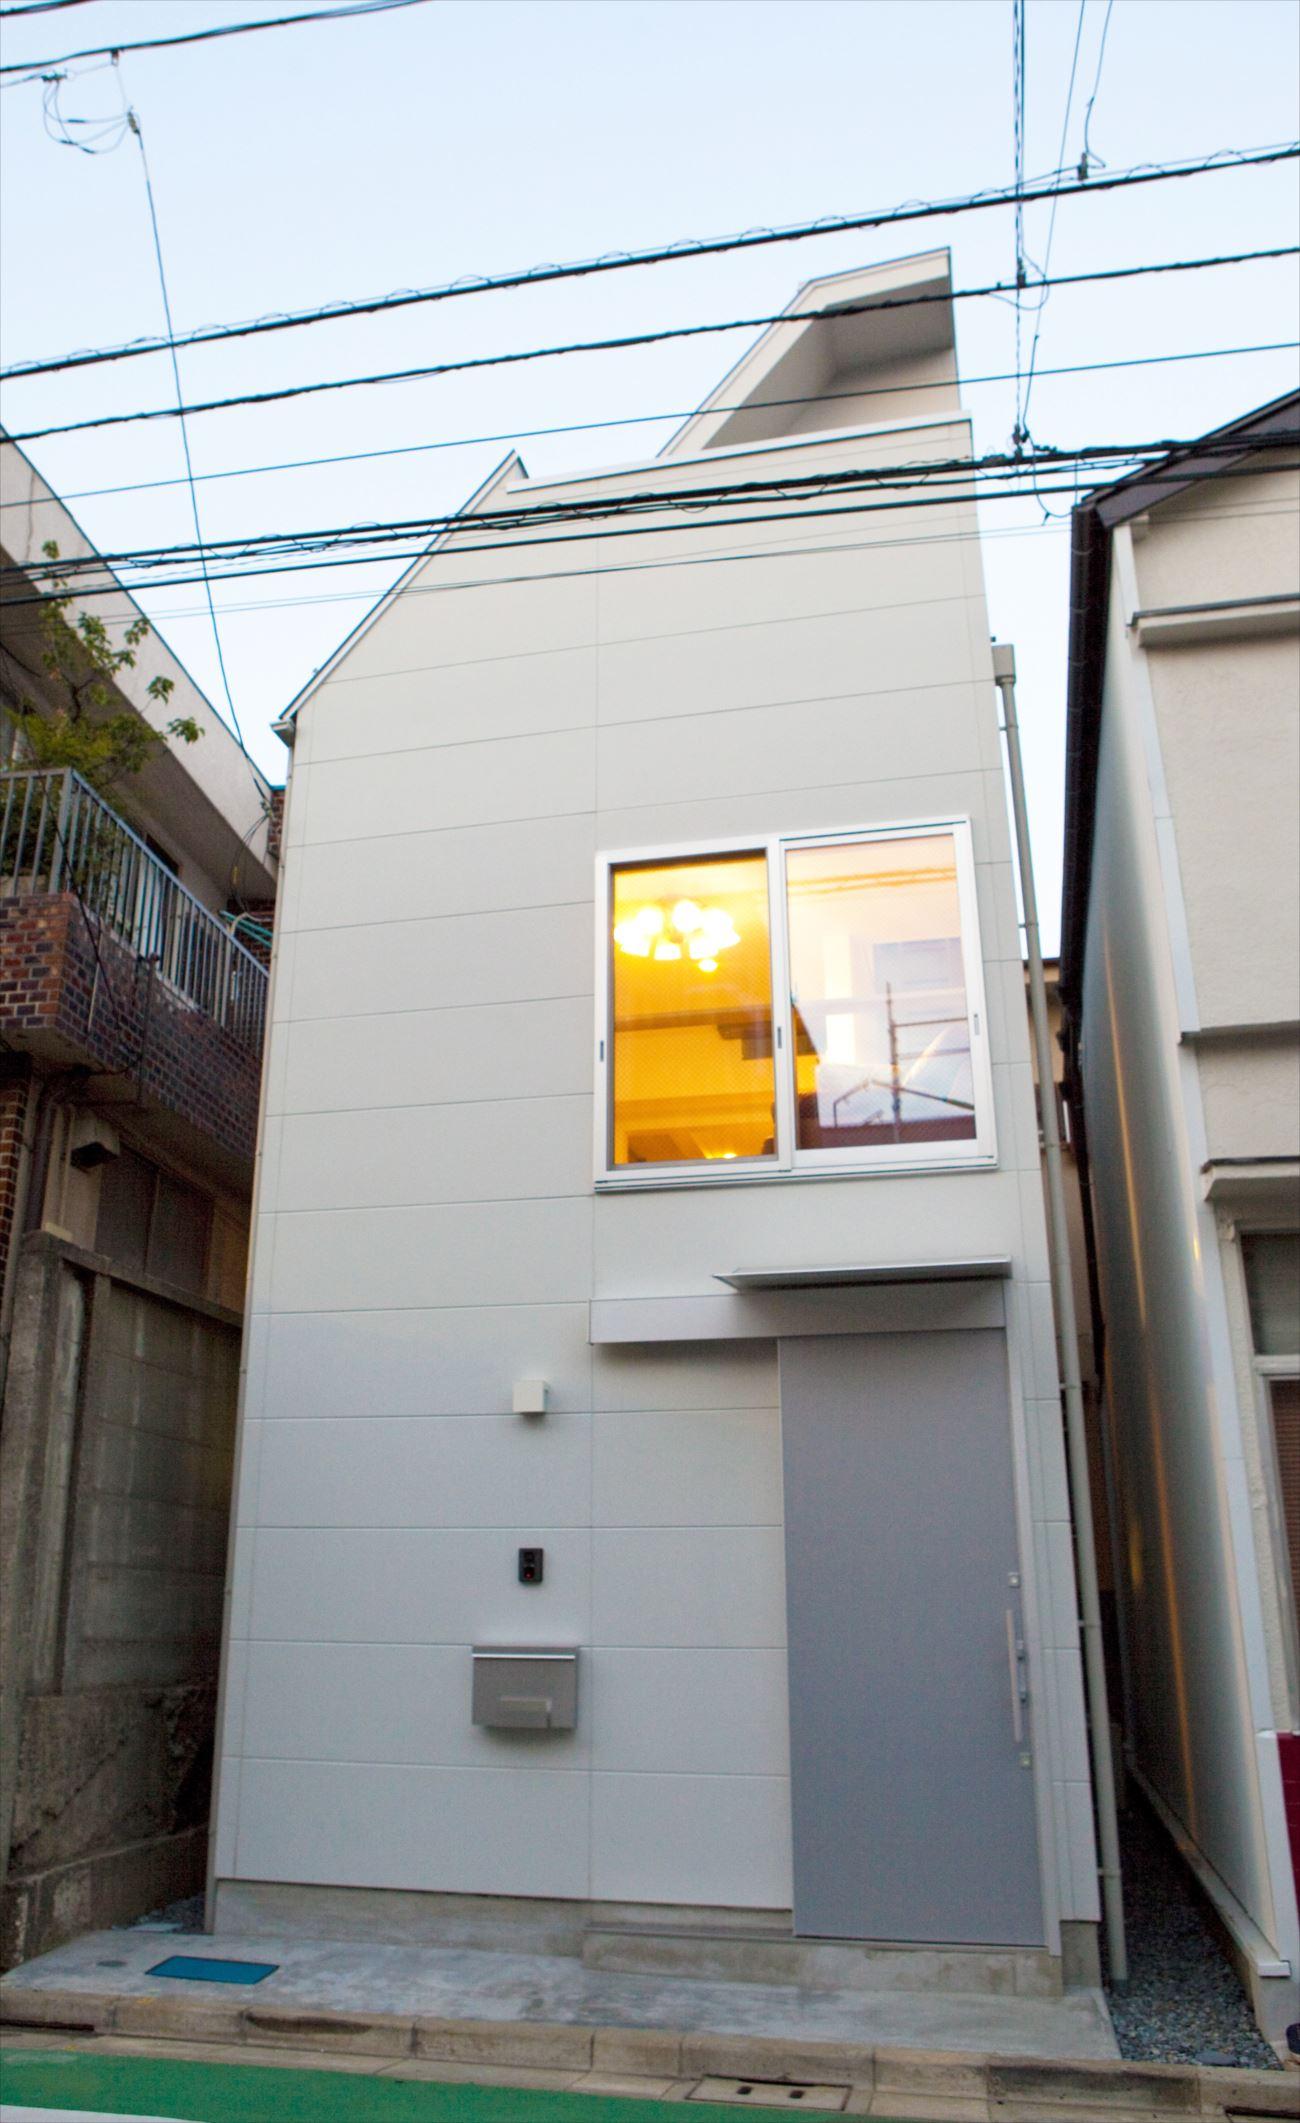 東京,狭小地,狭小住宅,日当たり,風通し